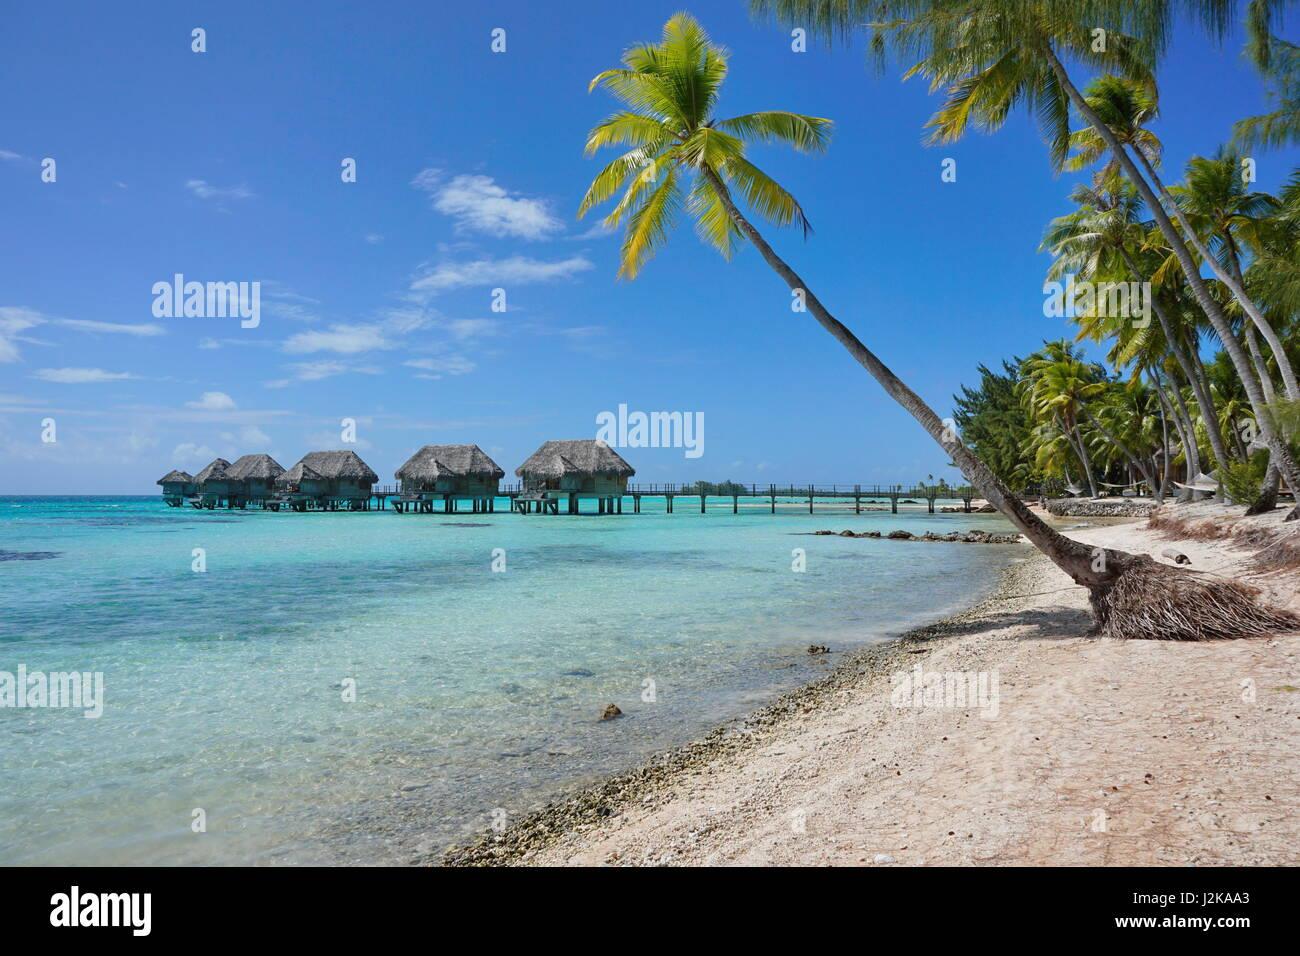 Tropical resort bungalows sur pilotis dans le lagon et plage avec cocotiers, l'atoll de Tikehau, Tuamotu, Polynésie Française, Pacifique sud Banque D'Images